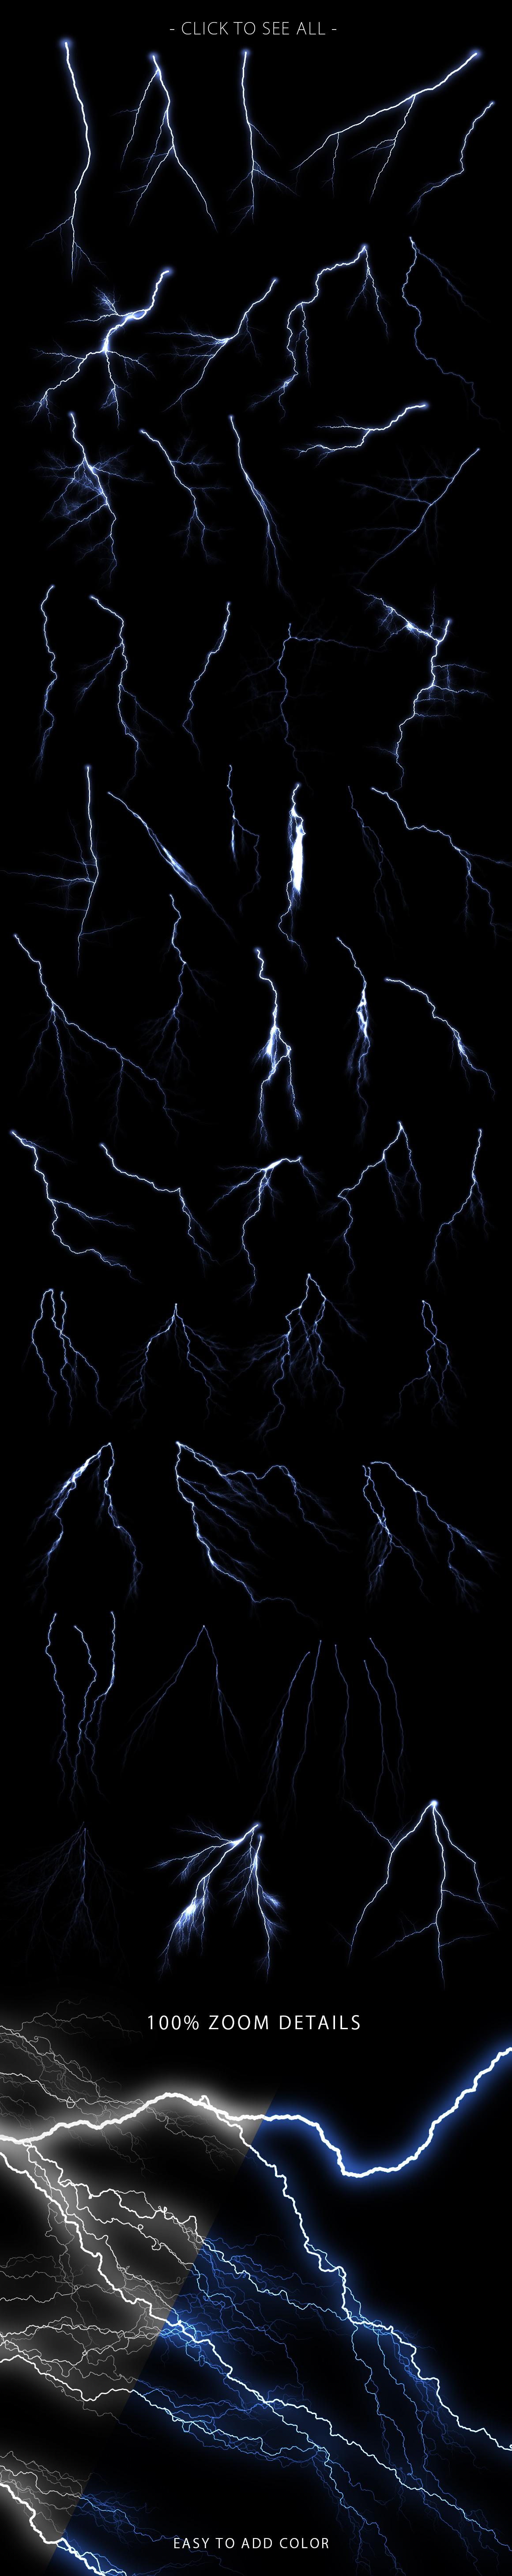 Lightning Photoshop Brushes example image 3